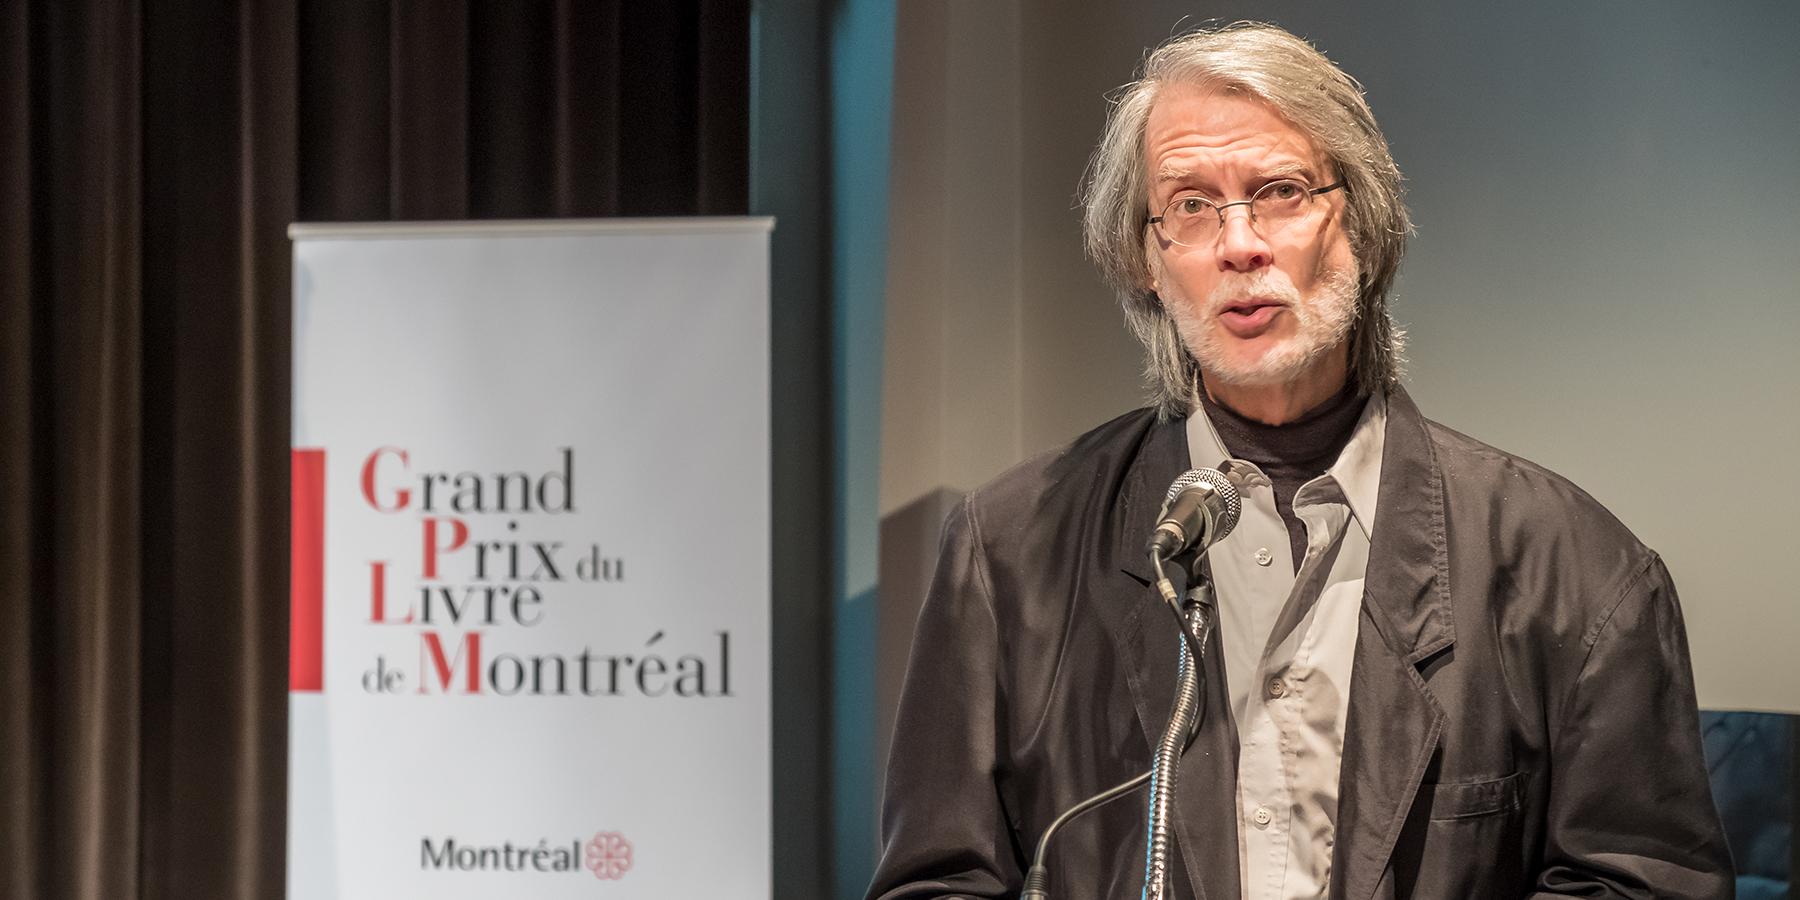 René Lapierre lauréat 2017 Grand Prix du livre de Montréal